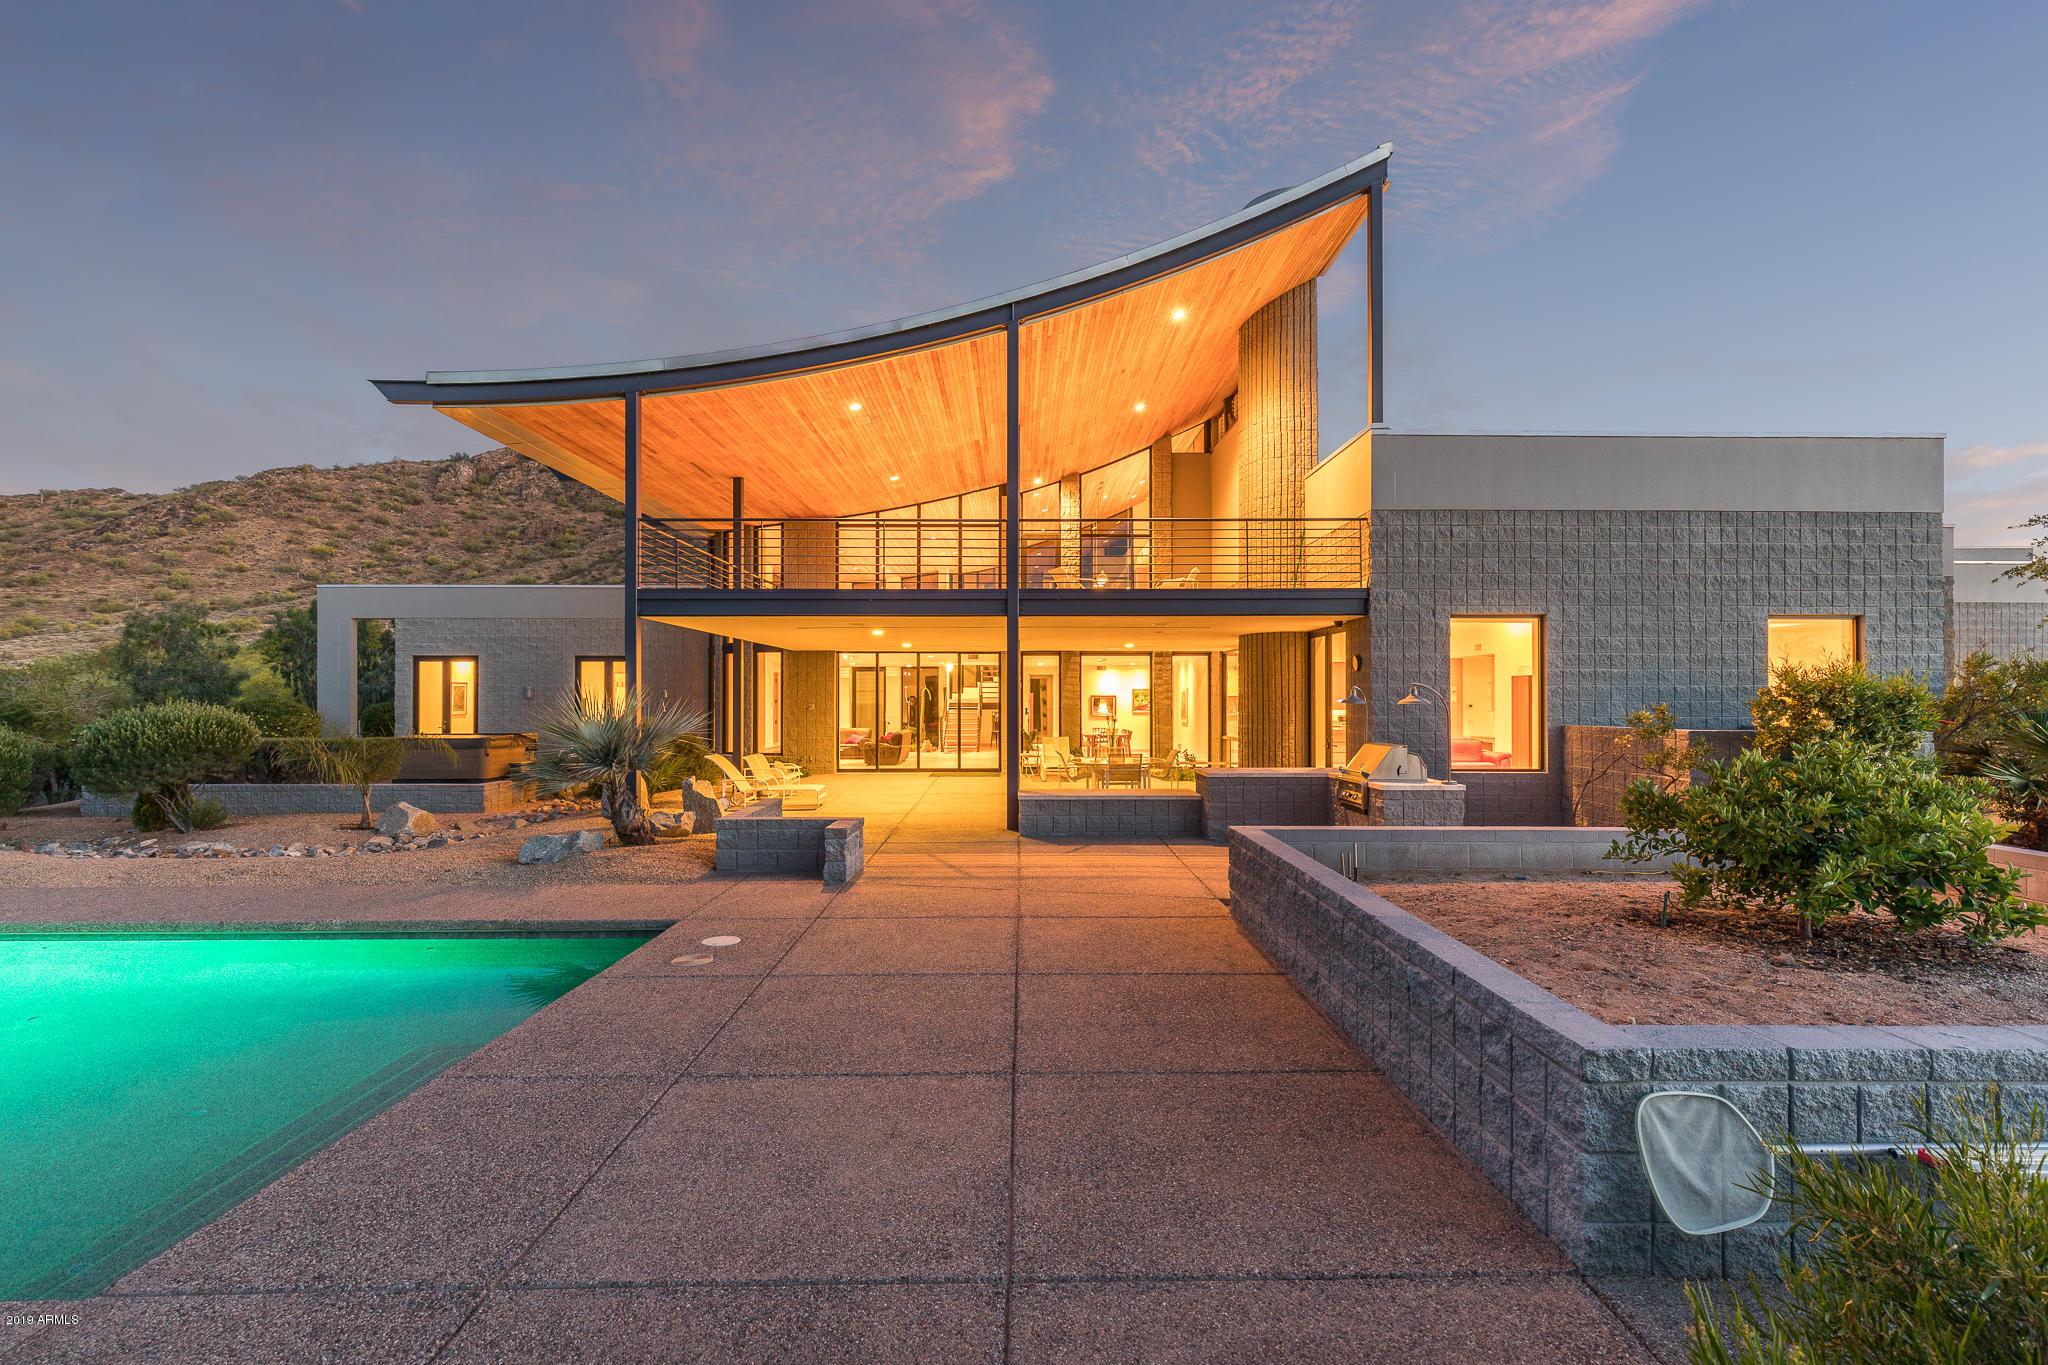 MLS 5919843 4102 E Mission Lane, Phoenix, AZ 85028 Phoenix AZ Four Bedroom